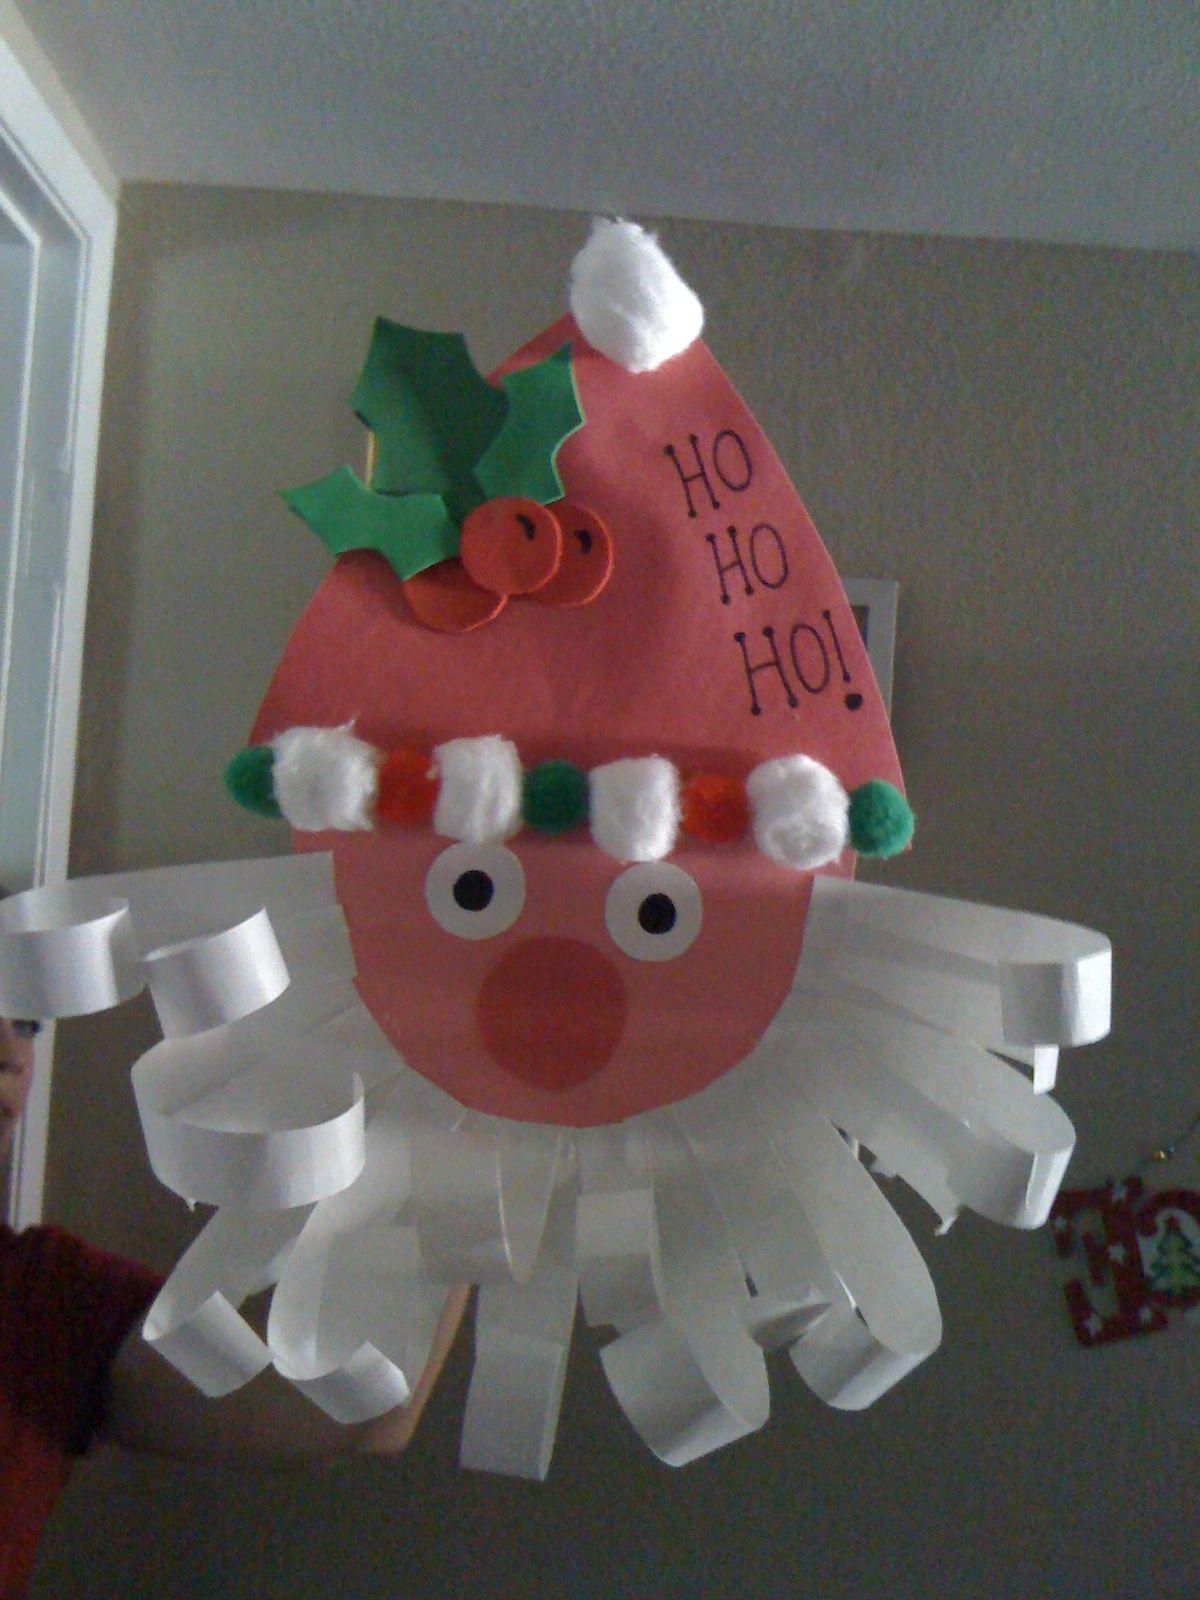 construction paper santa easy preschool christmas craft easy santa craft easy holiday craft for kids cute - Christmas Crafts With Construction Paper